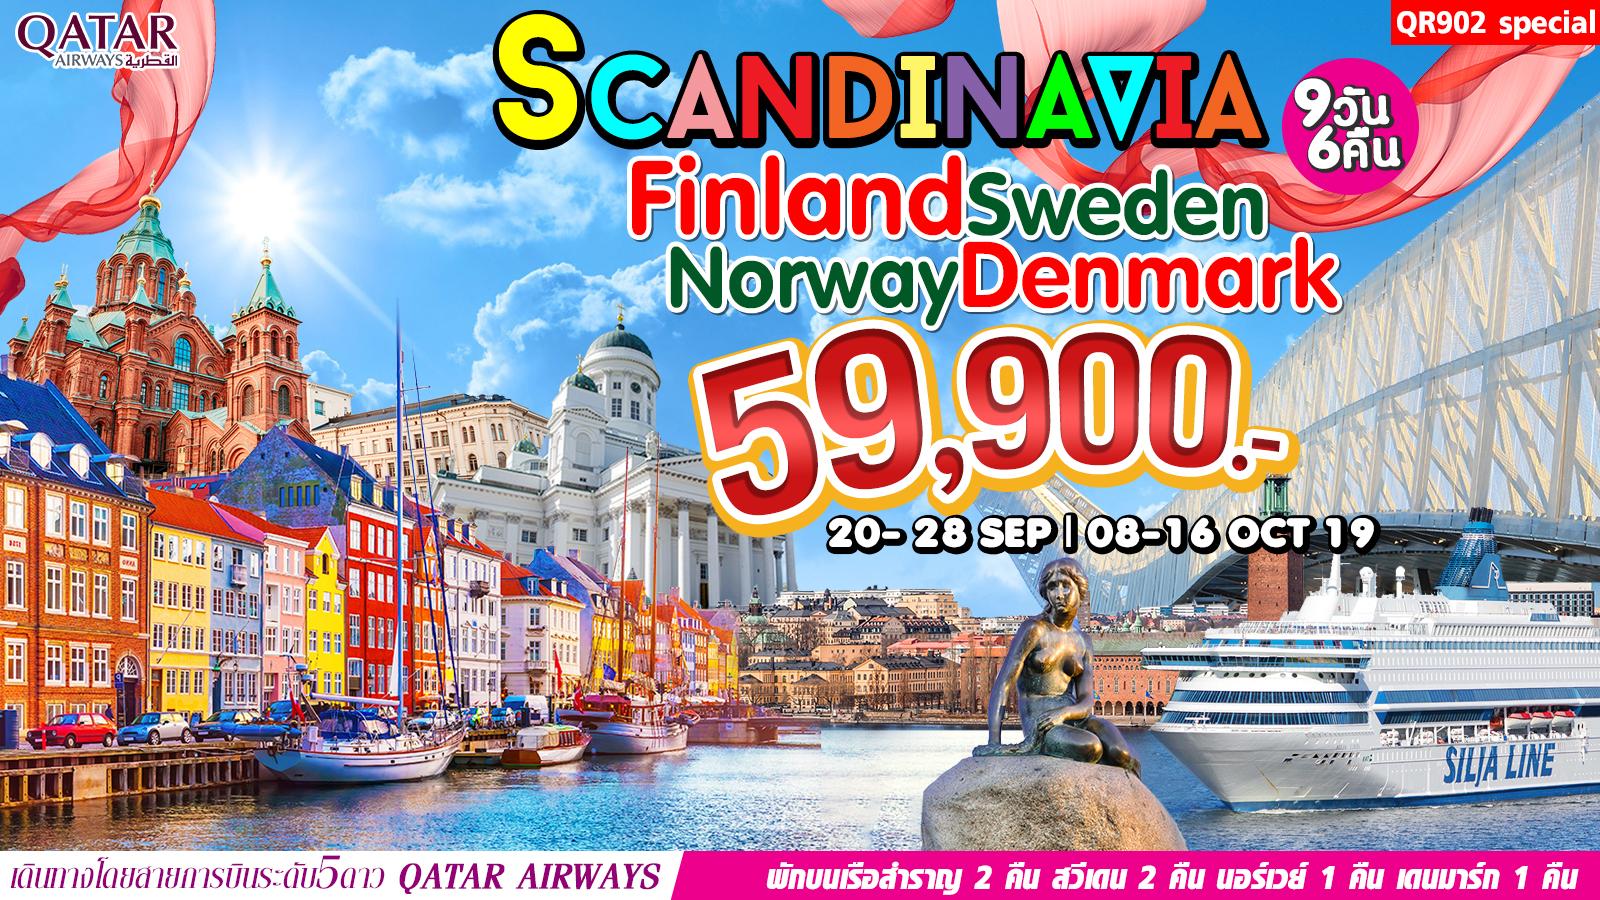 QR902 Special SCANDINAVIA FINLAND SWEDEN NORWAY DENMARK 9D6N